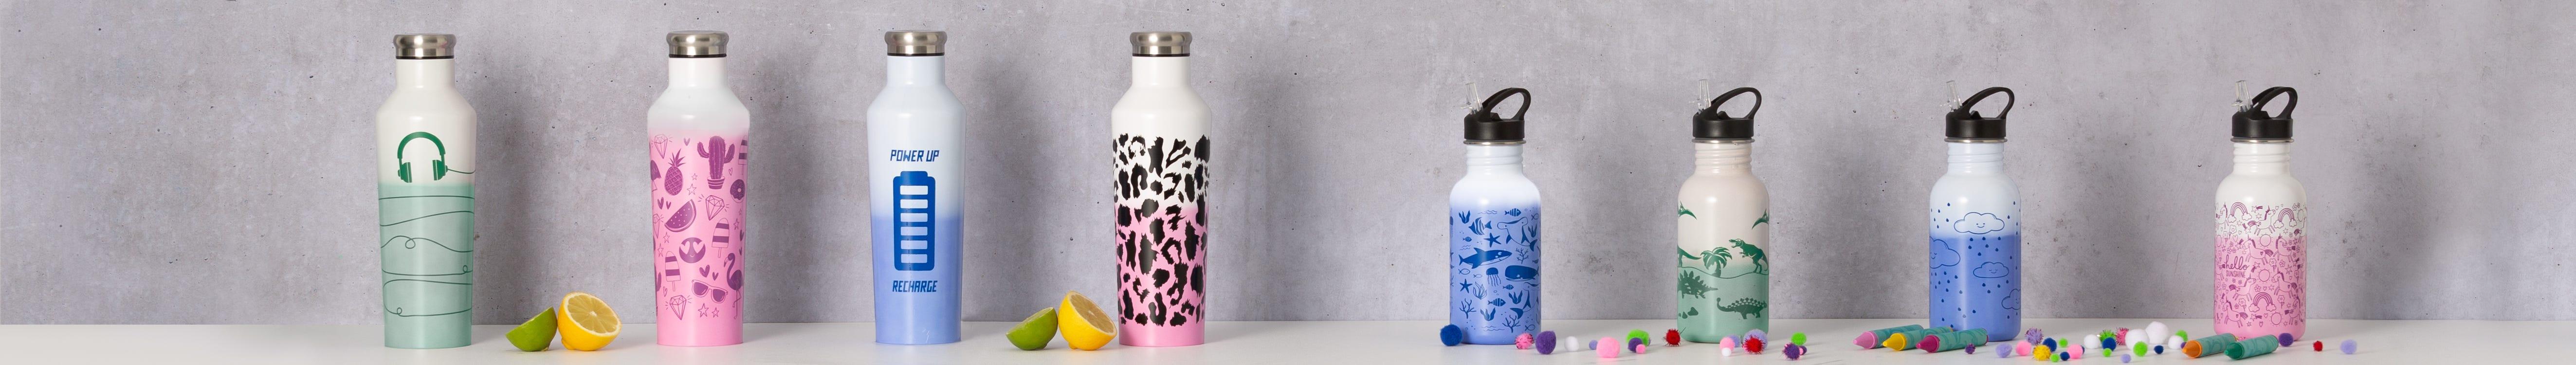 Colour Change Bottles